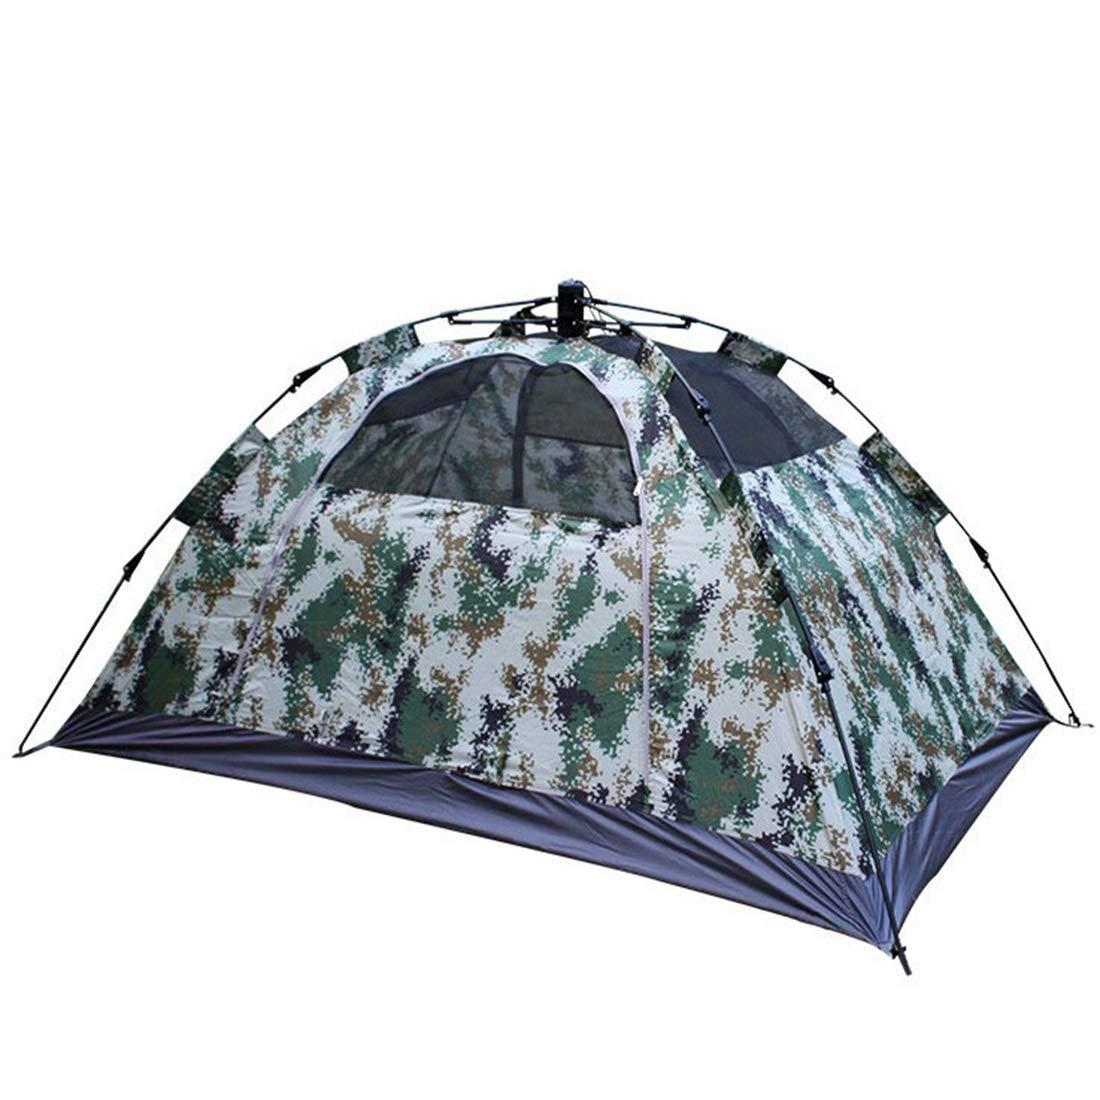 Kamiwwso Doppel-Personenzelt-Zelt-automatisches Tarnungszelt für das Kampieren im Freien (Farbe   Camouflage)